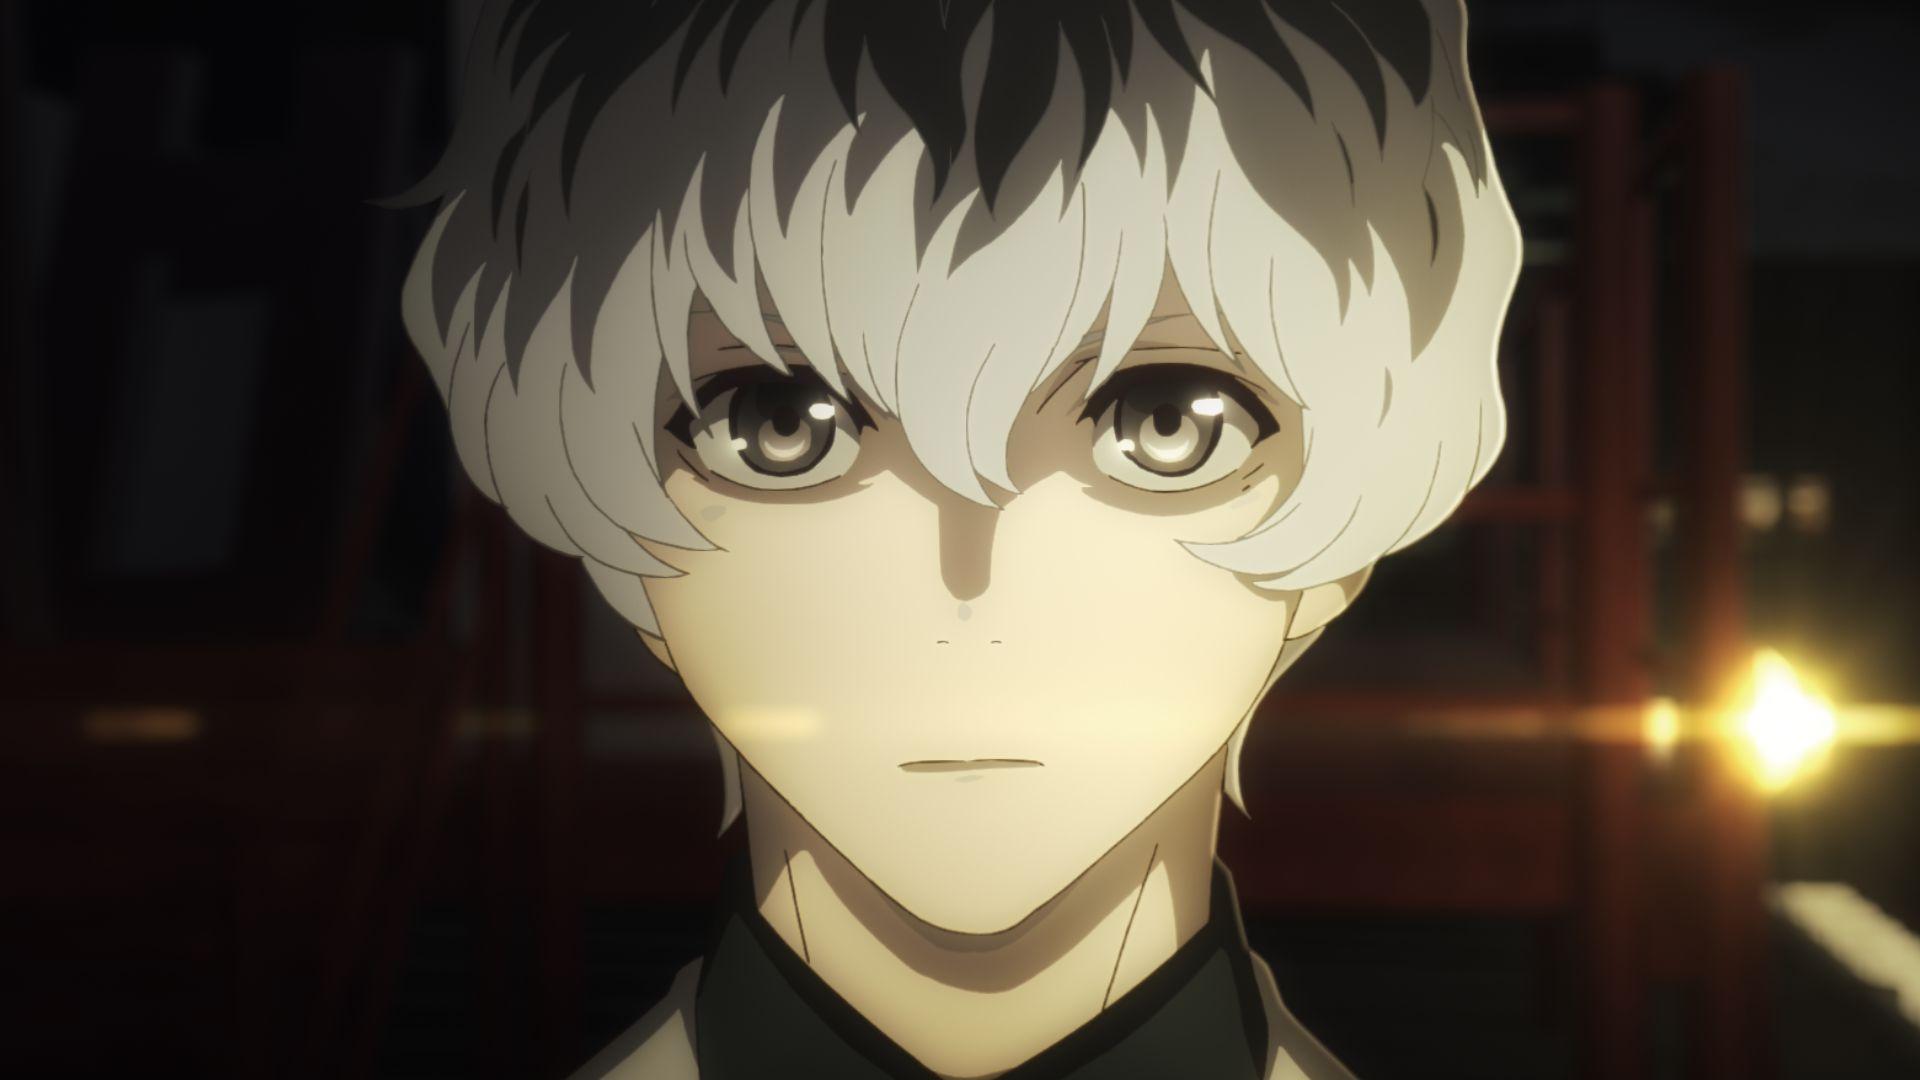 TVアニメ『東京喰種トーキョーグール:re』通期第23話より先行場面カット・あらすじ到着